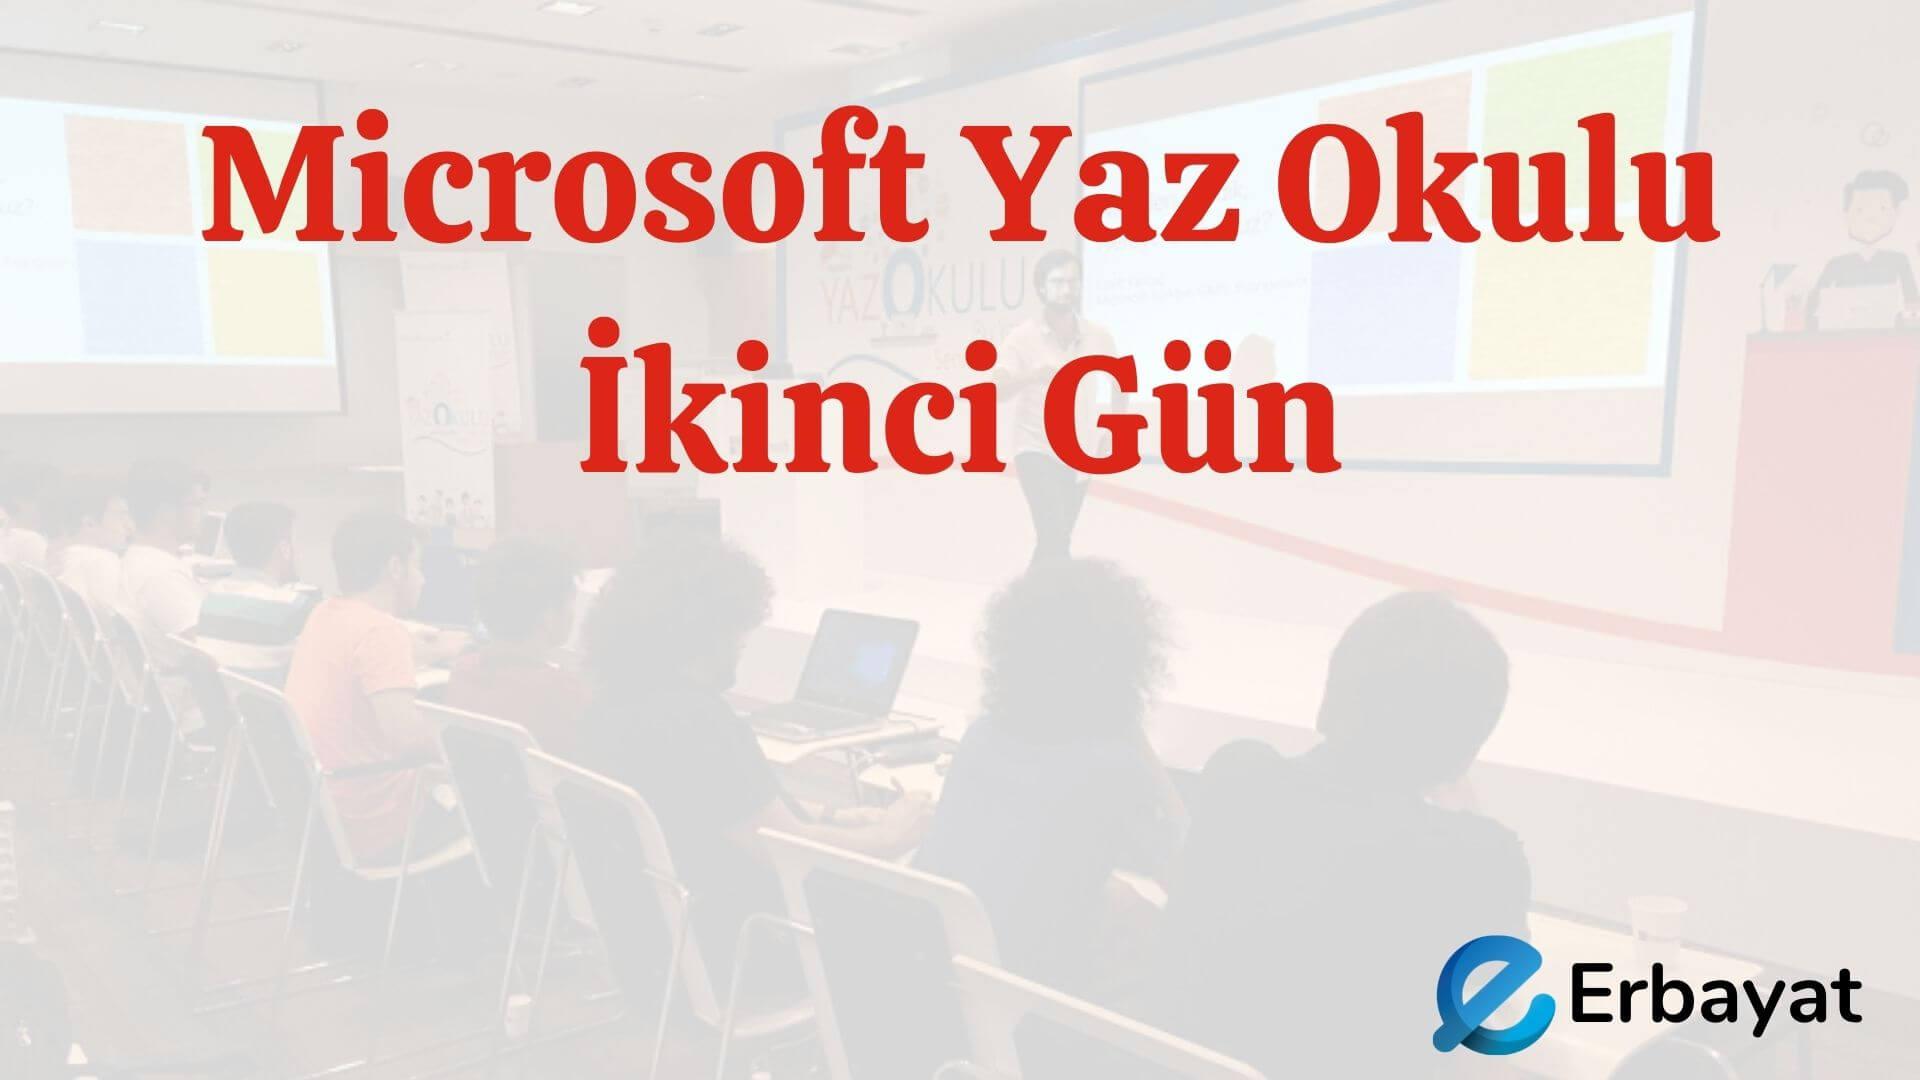 Microsoft Yaz Okulu İkinci Gün